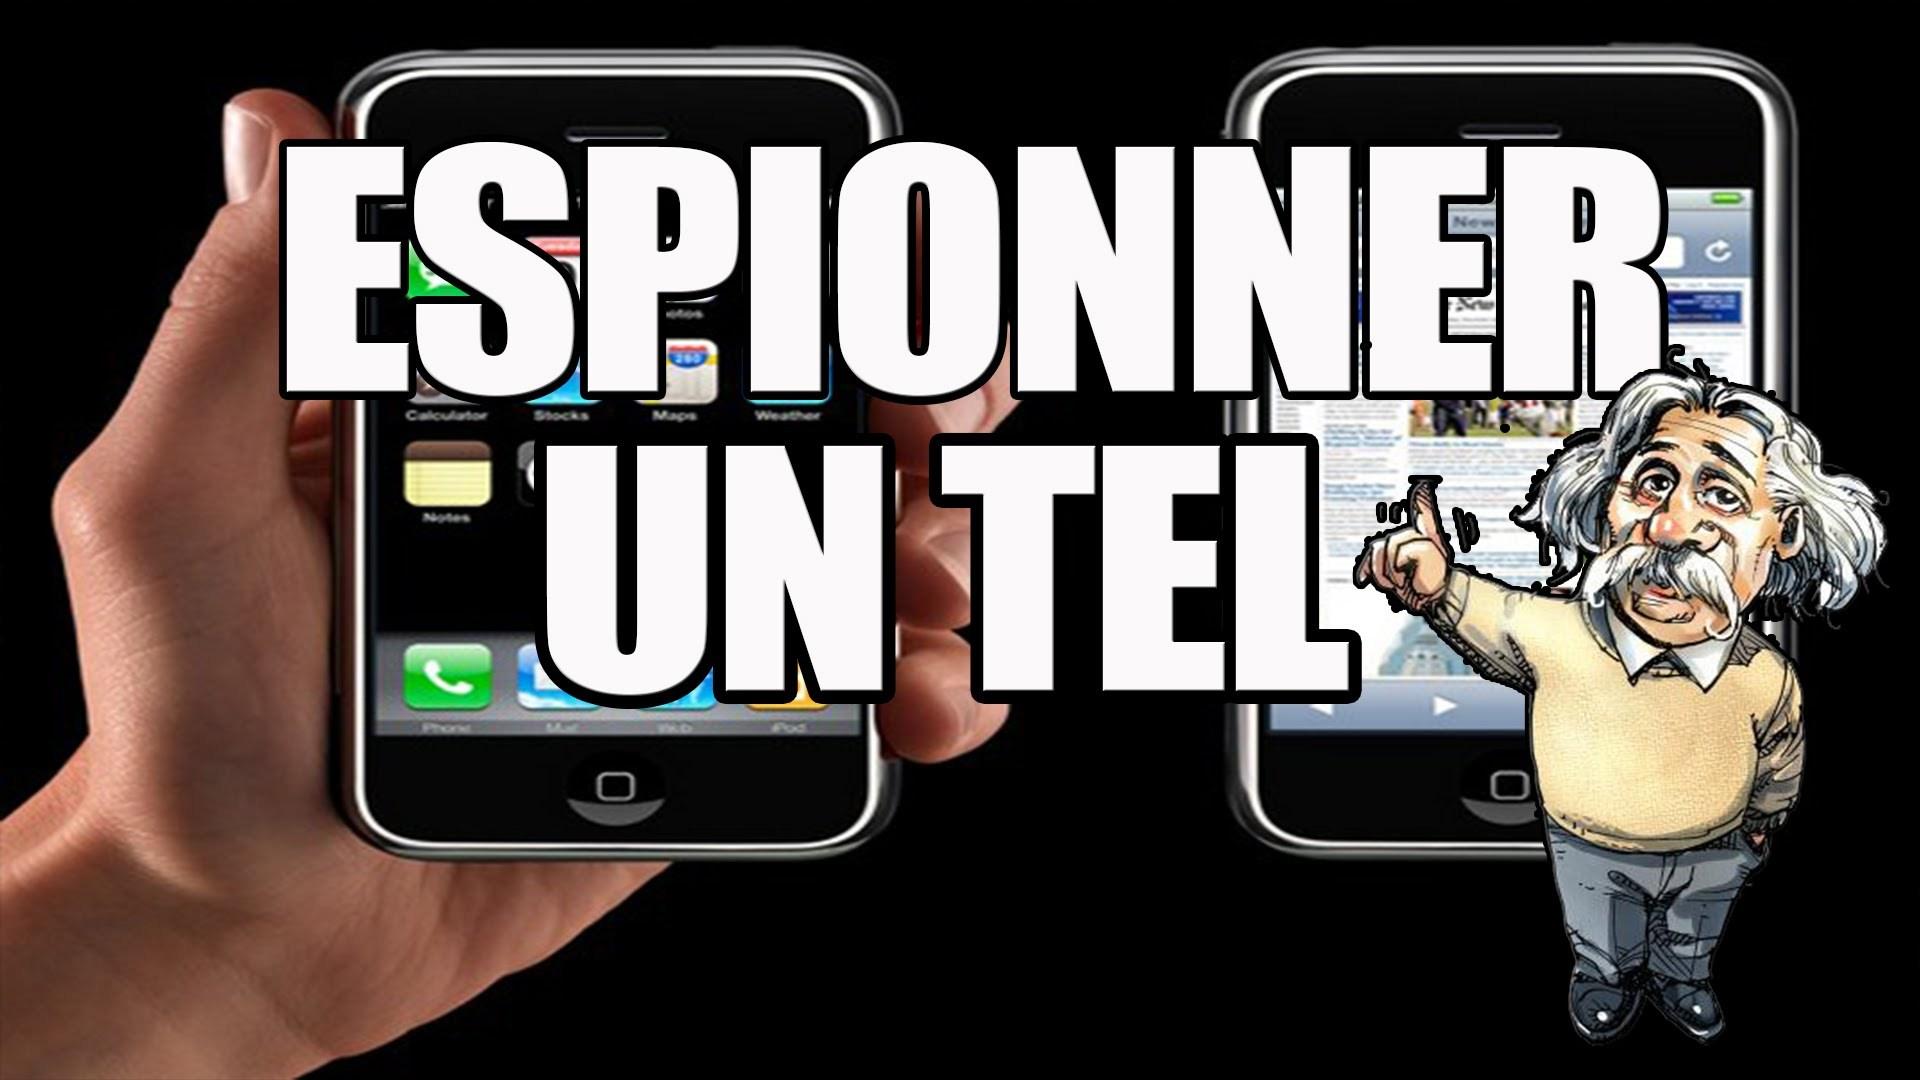 comment pirater un telephone portable a partir du numero gratuitement